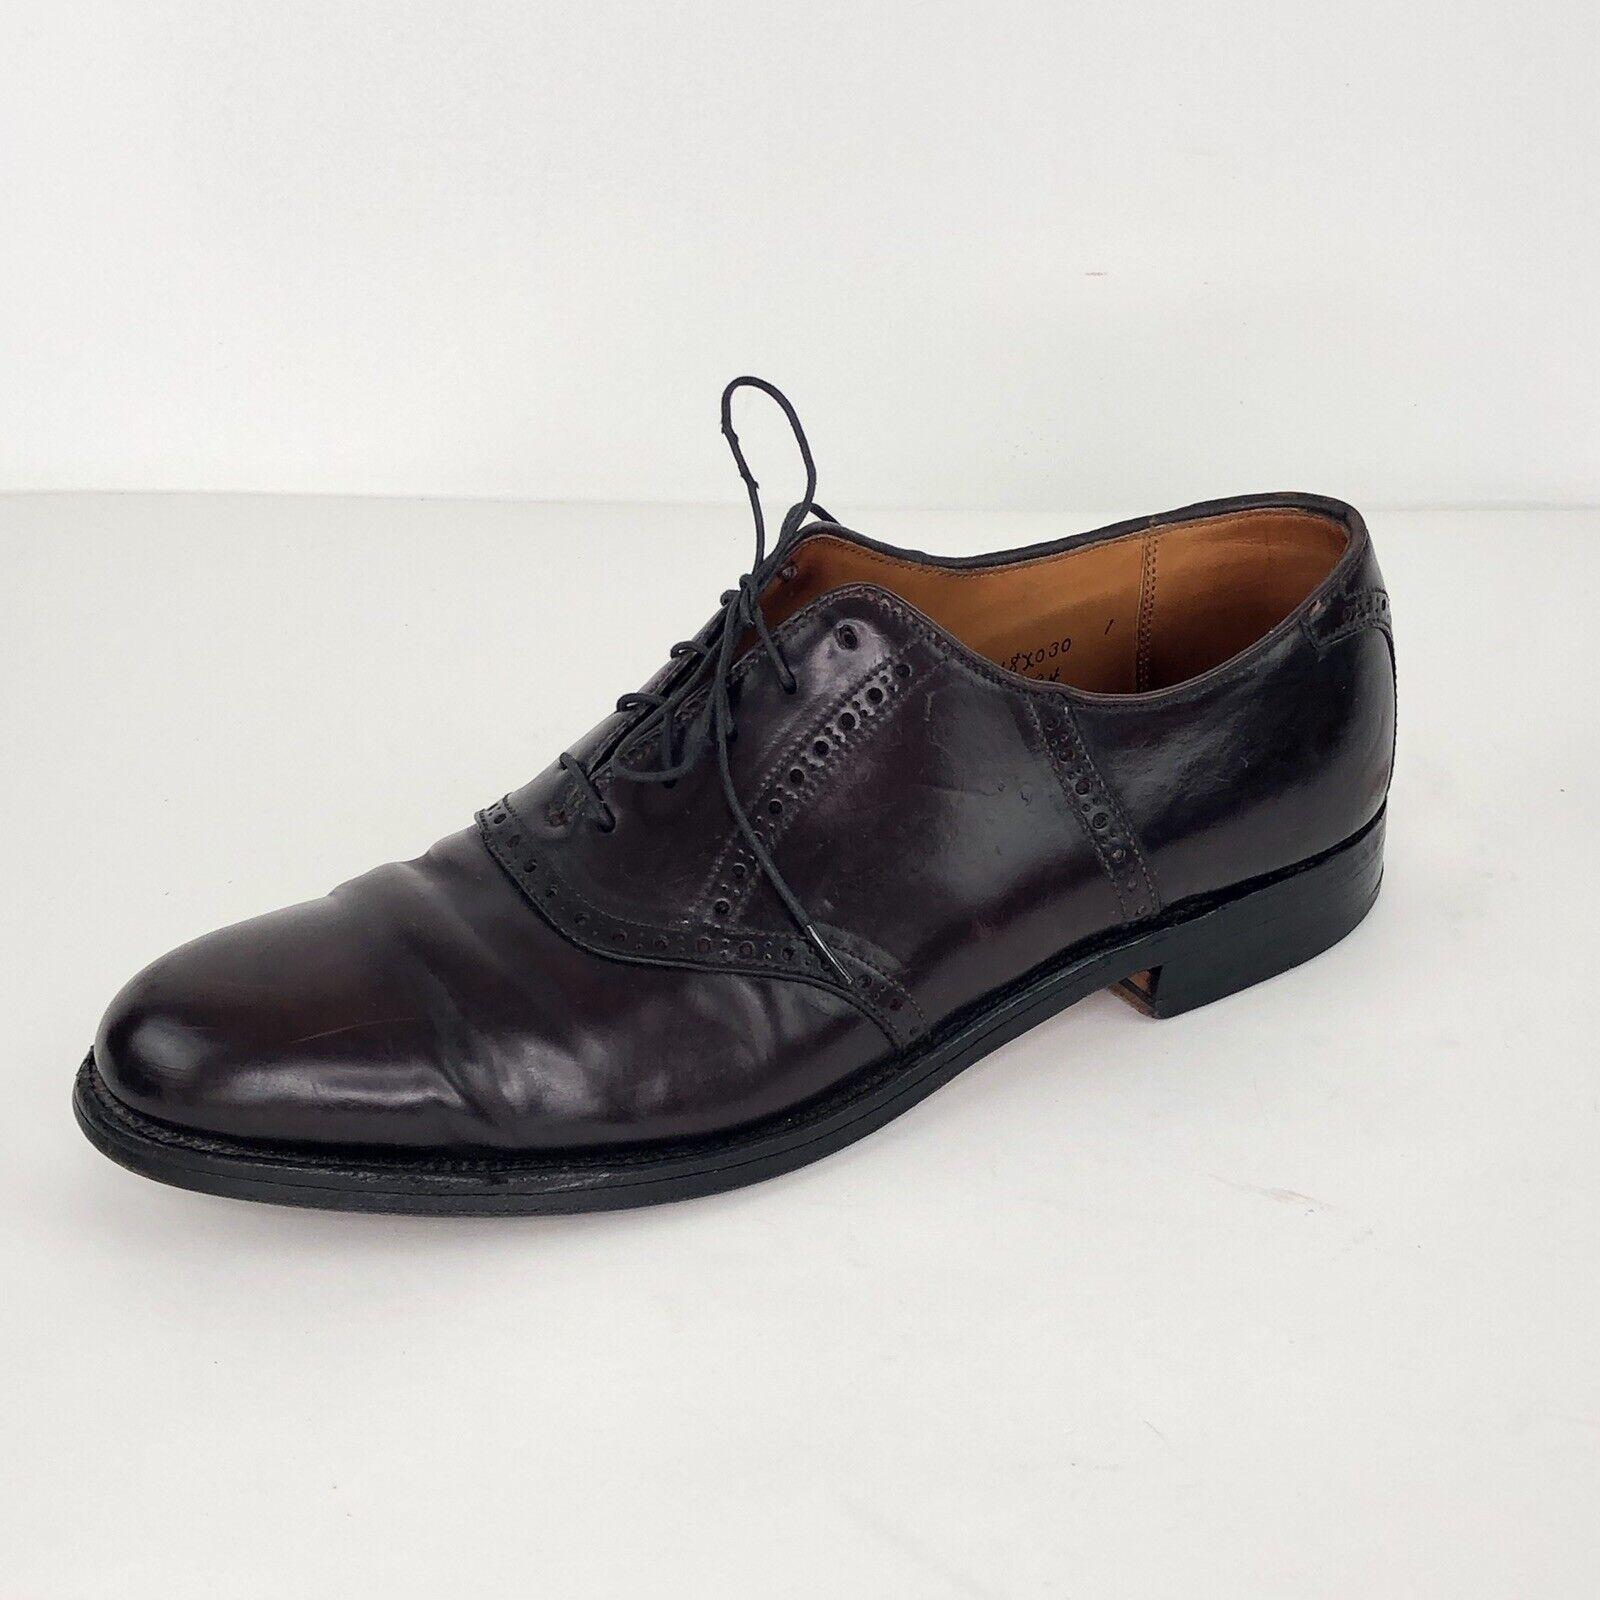 Zapatos De Vestir Alden 994 Shell cordobesa Borgoña Marrón Oxford silla   Hombres 11 AAA